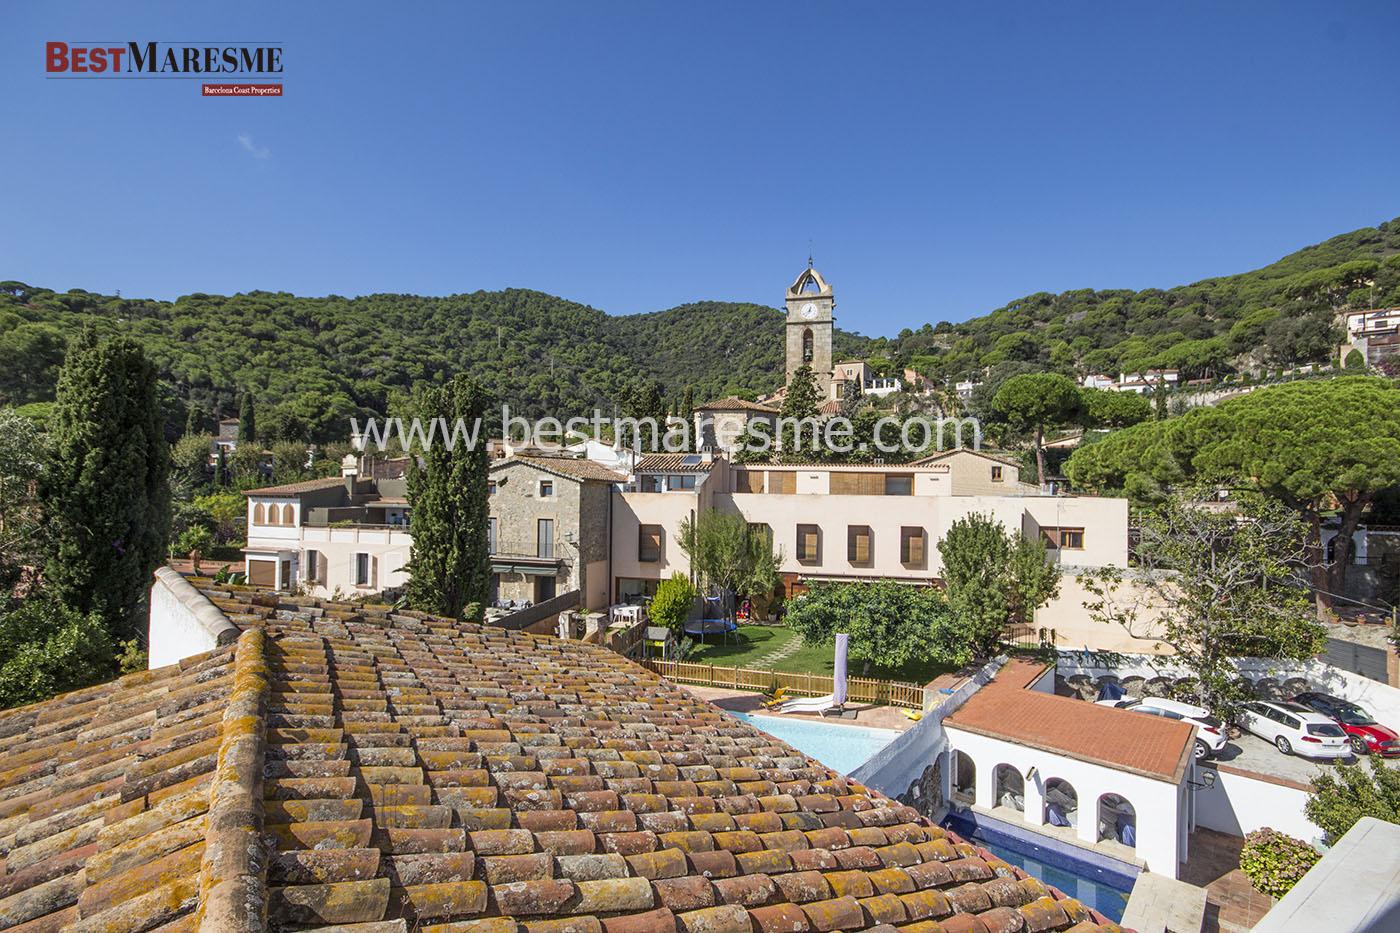 Vistas de la casa al pueblo de Premia de Dalt